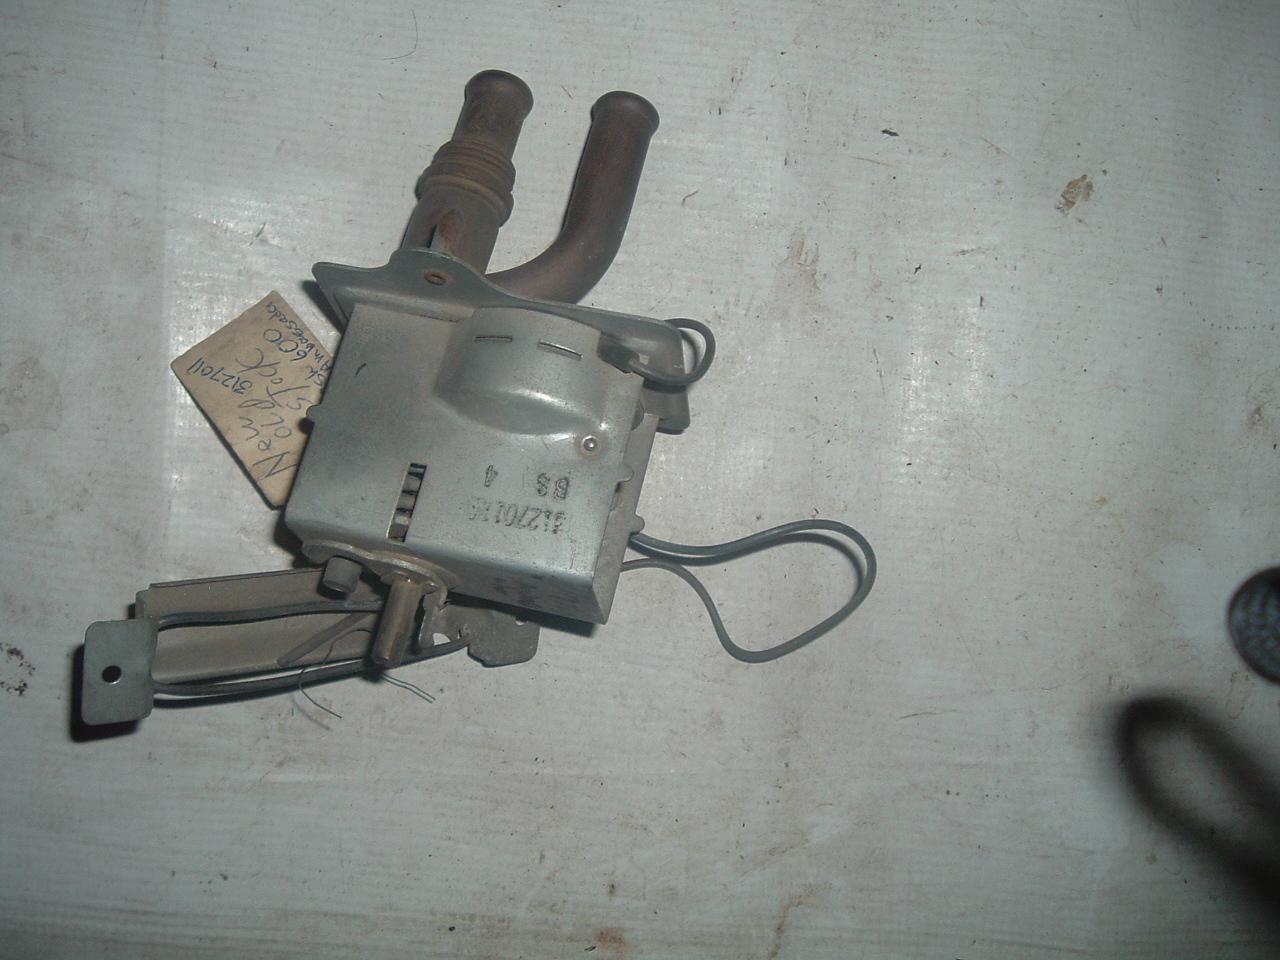 1958 Oldsmobile Nors Heat Temperature Regulator Remote Control Valve